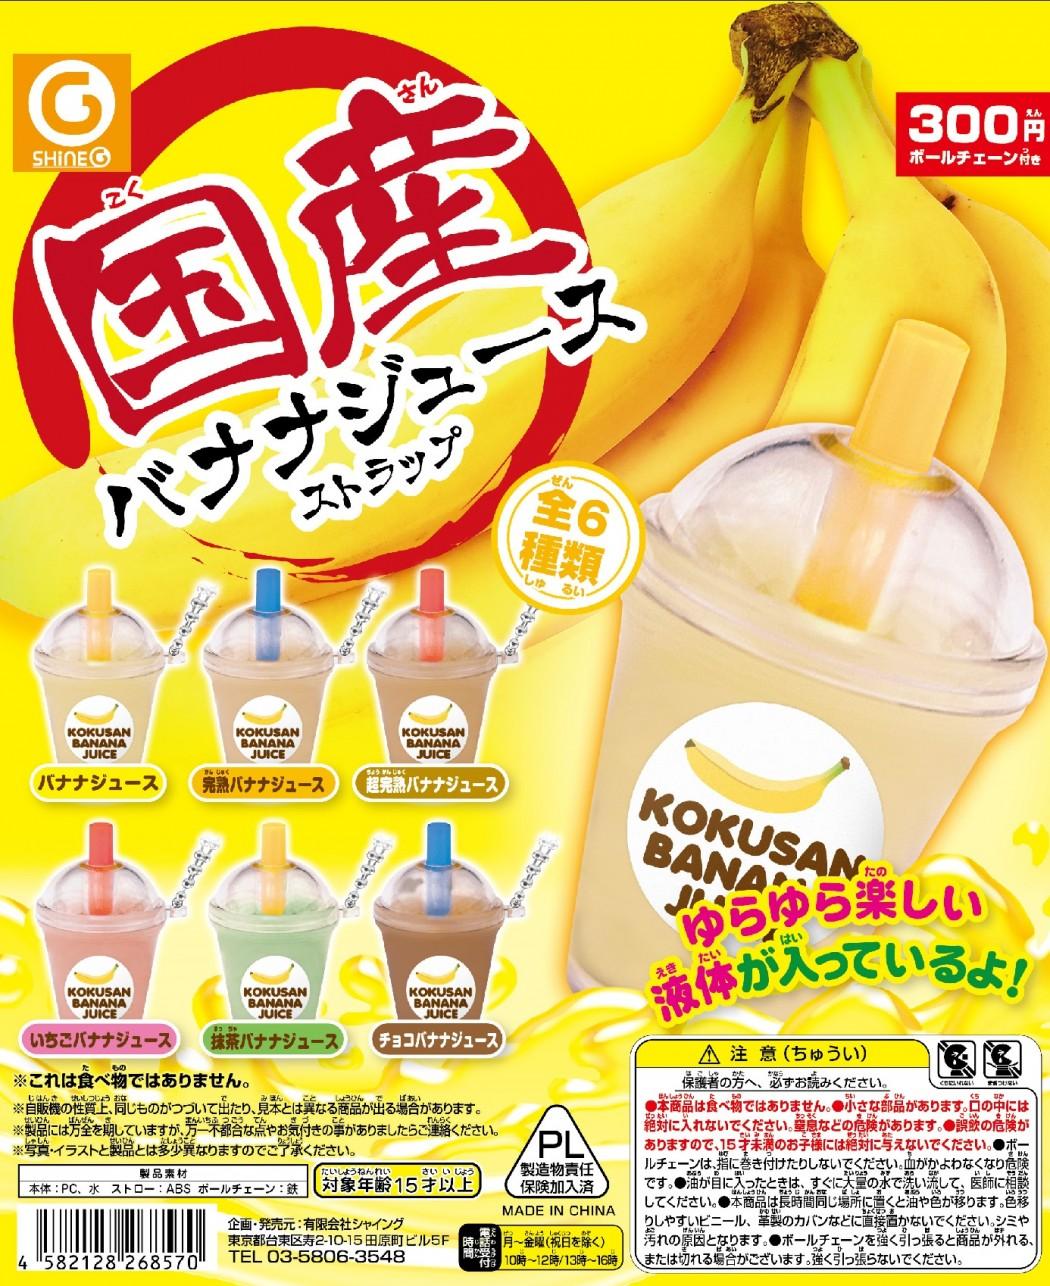 kokusan_banana_juice